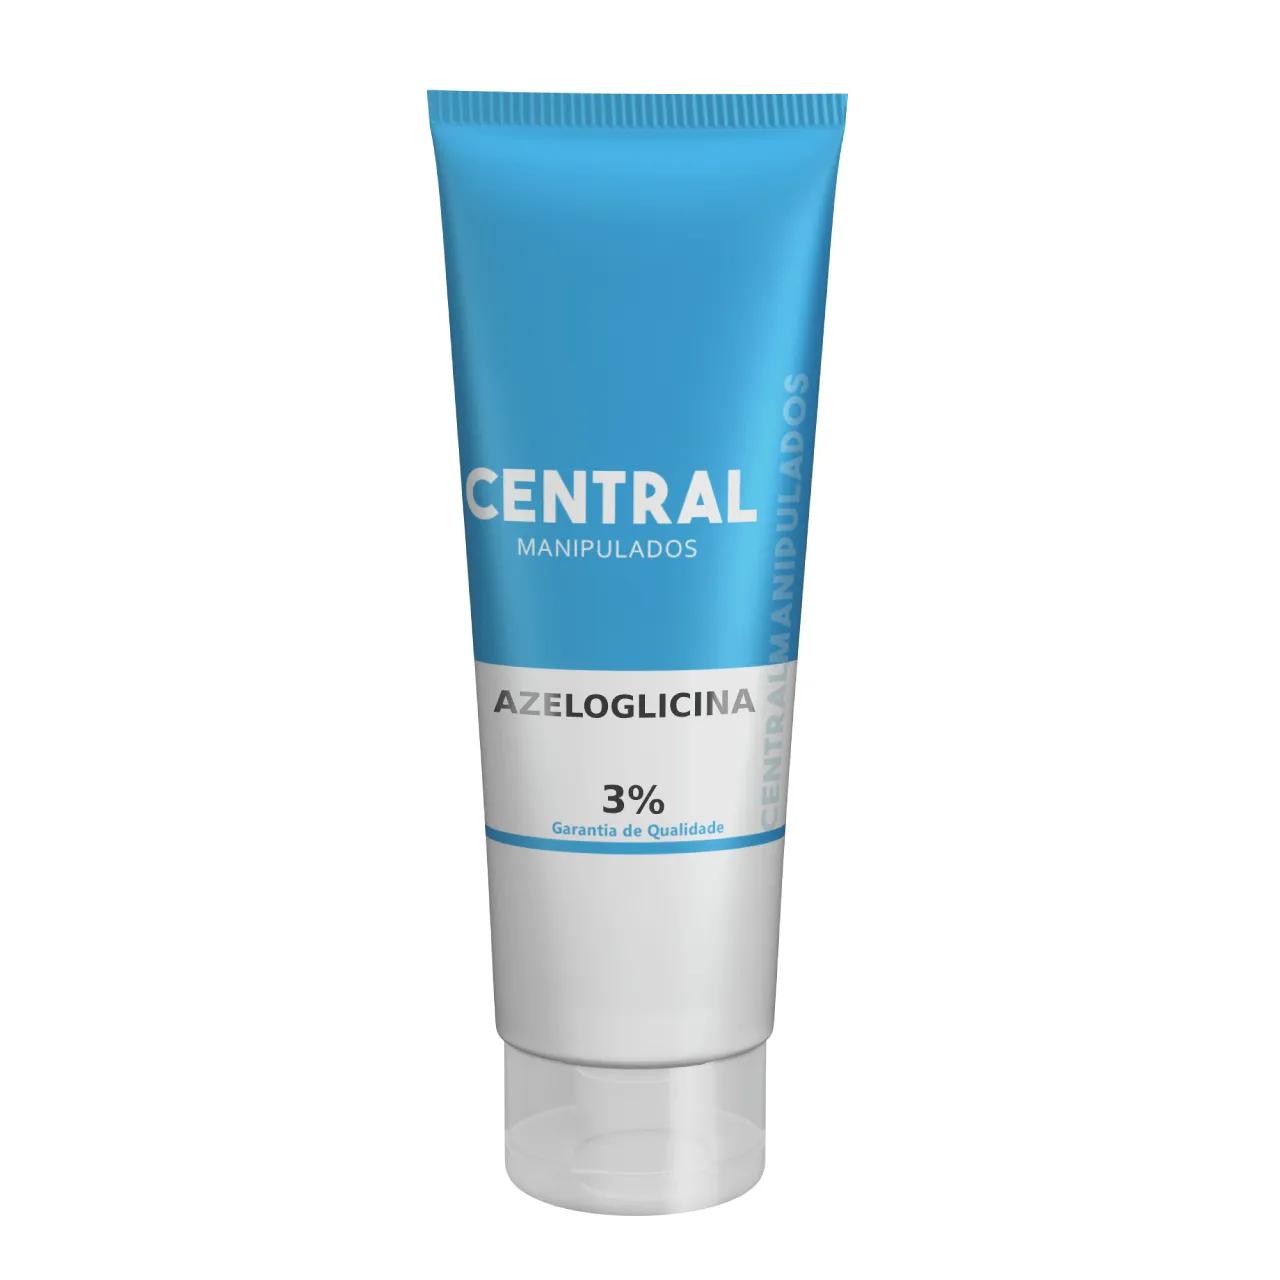 Azeloglicina 3% - Creme 30g - Reduz Oleosidade, Remove Manchas, Melhora a Aparência da Pele